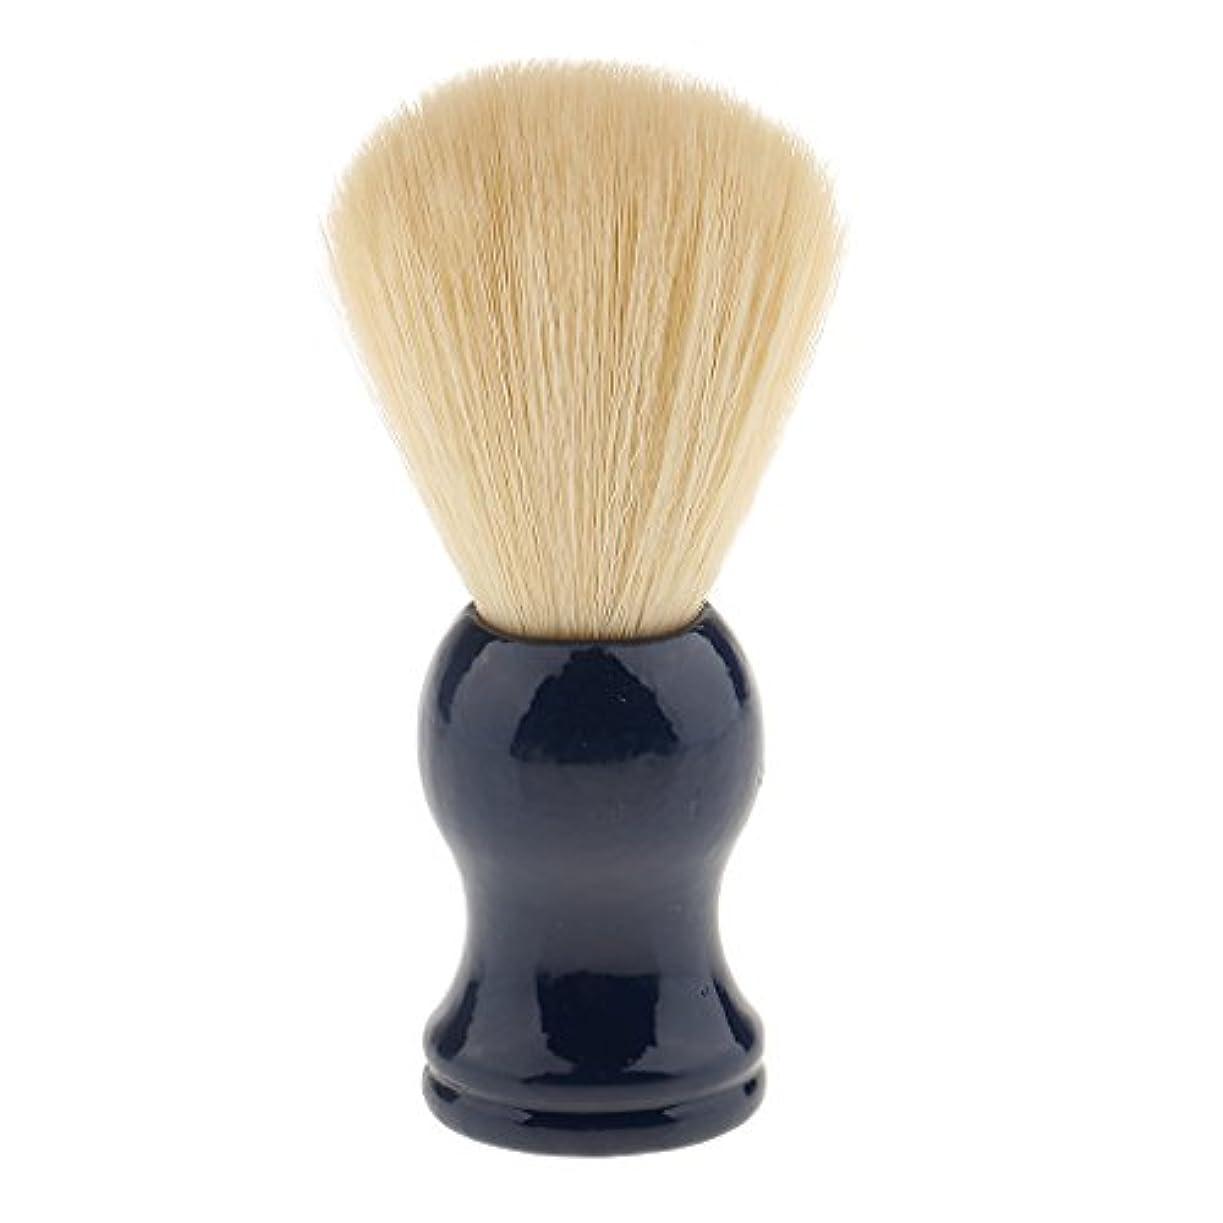 アイドル出力サラミナイロン ひげブラシ シェービング ブラシ 髭 泡立て 散髪整理 理髪用 サロン 快適 美容院